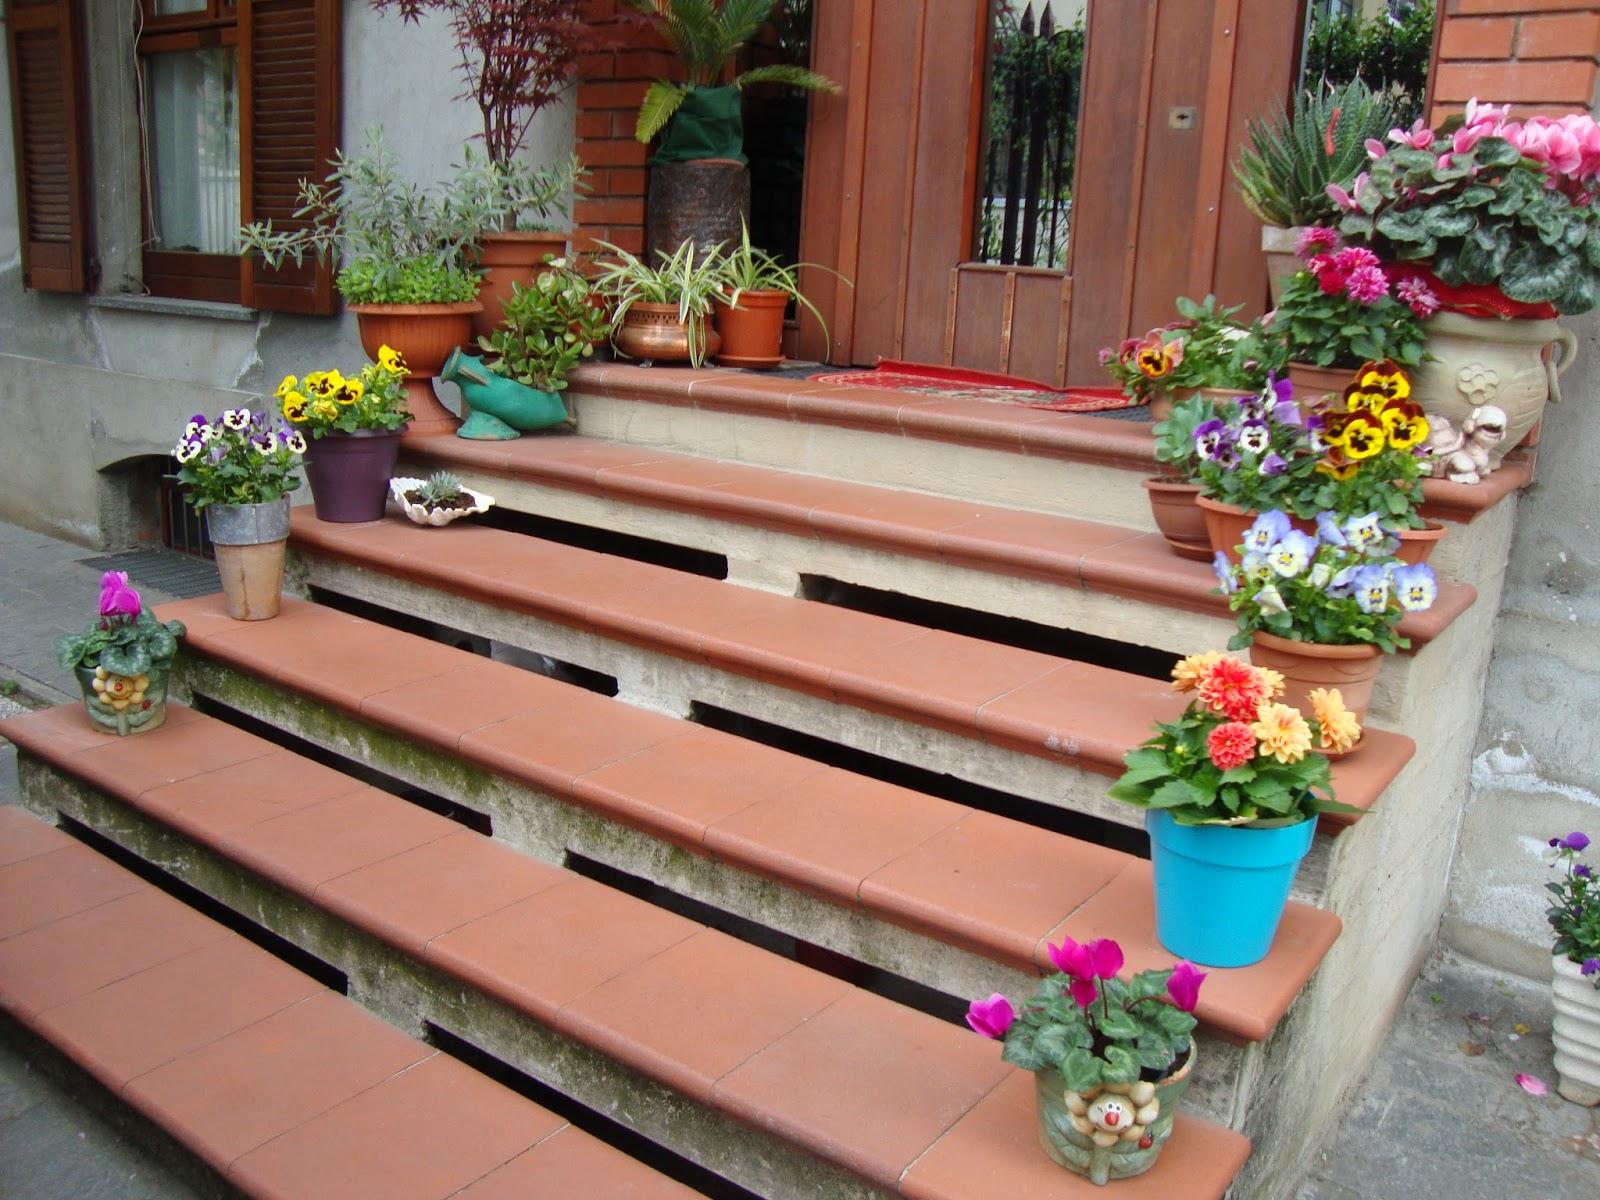 Un piccolo giardino in citt fiori e piante sulle scale - Idee per giardini di casa ...